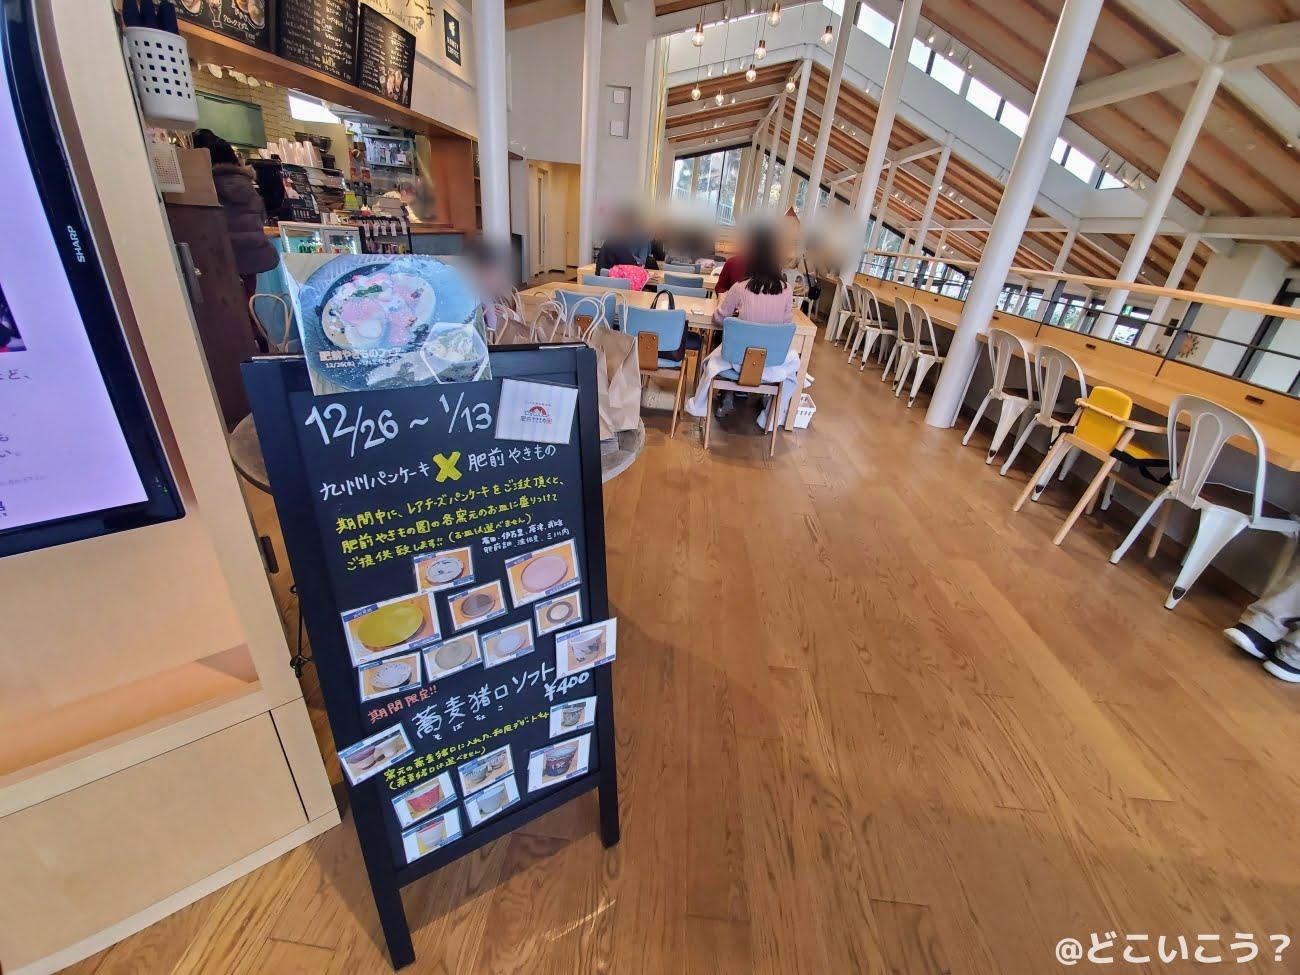 武雄市図書館 九州パンケーキ